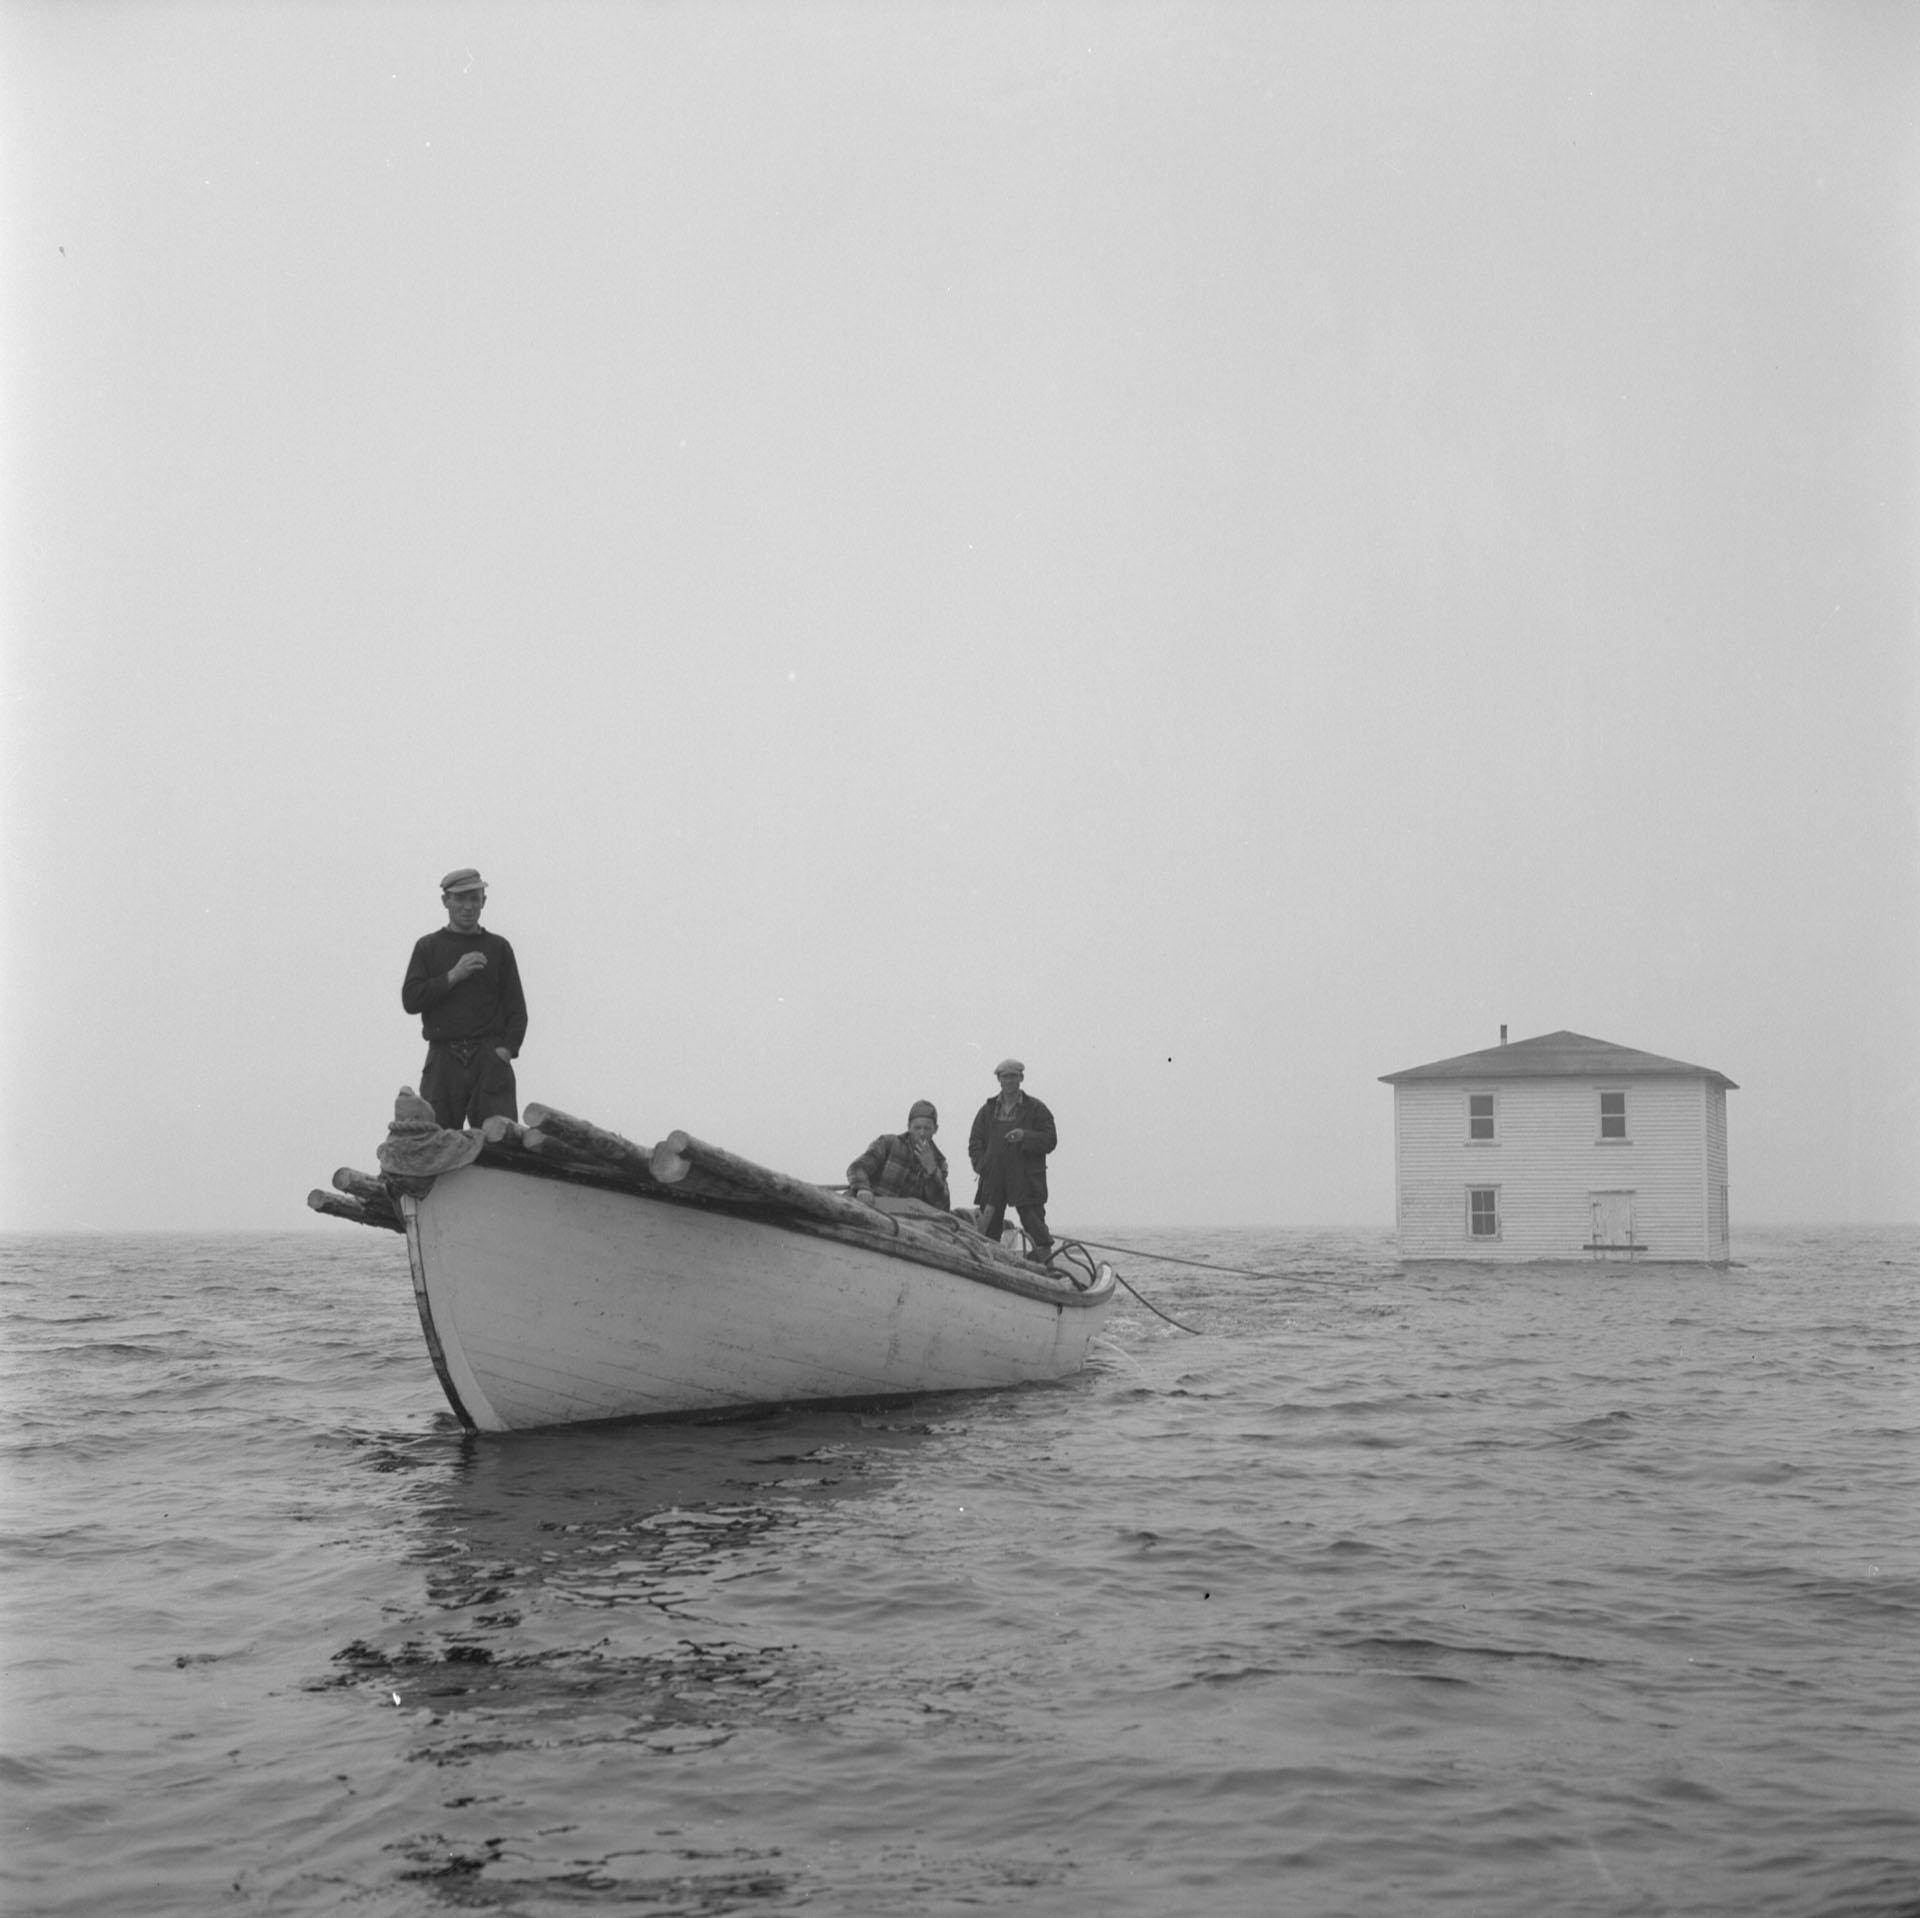 Une maison d'un village isolé de Terre-Neuve est tirée par un bateau de pêche.